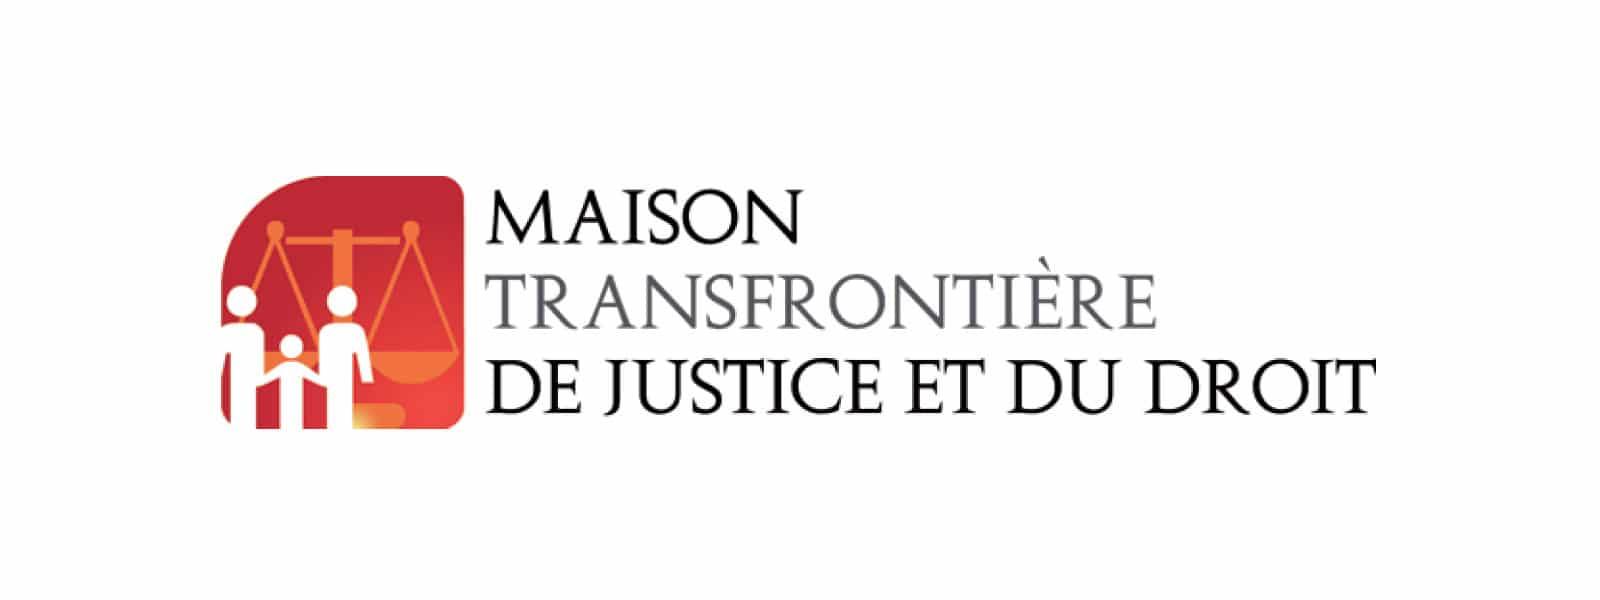 Logo de la Maison transfrontière de justice et du droit